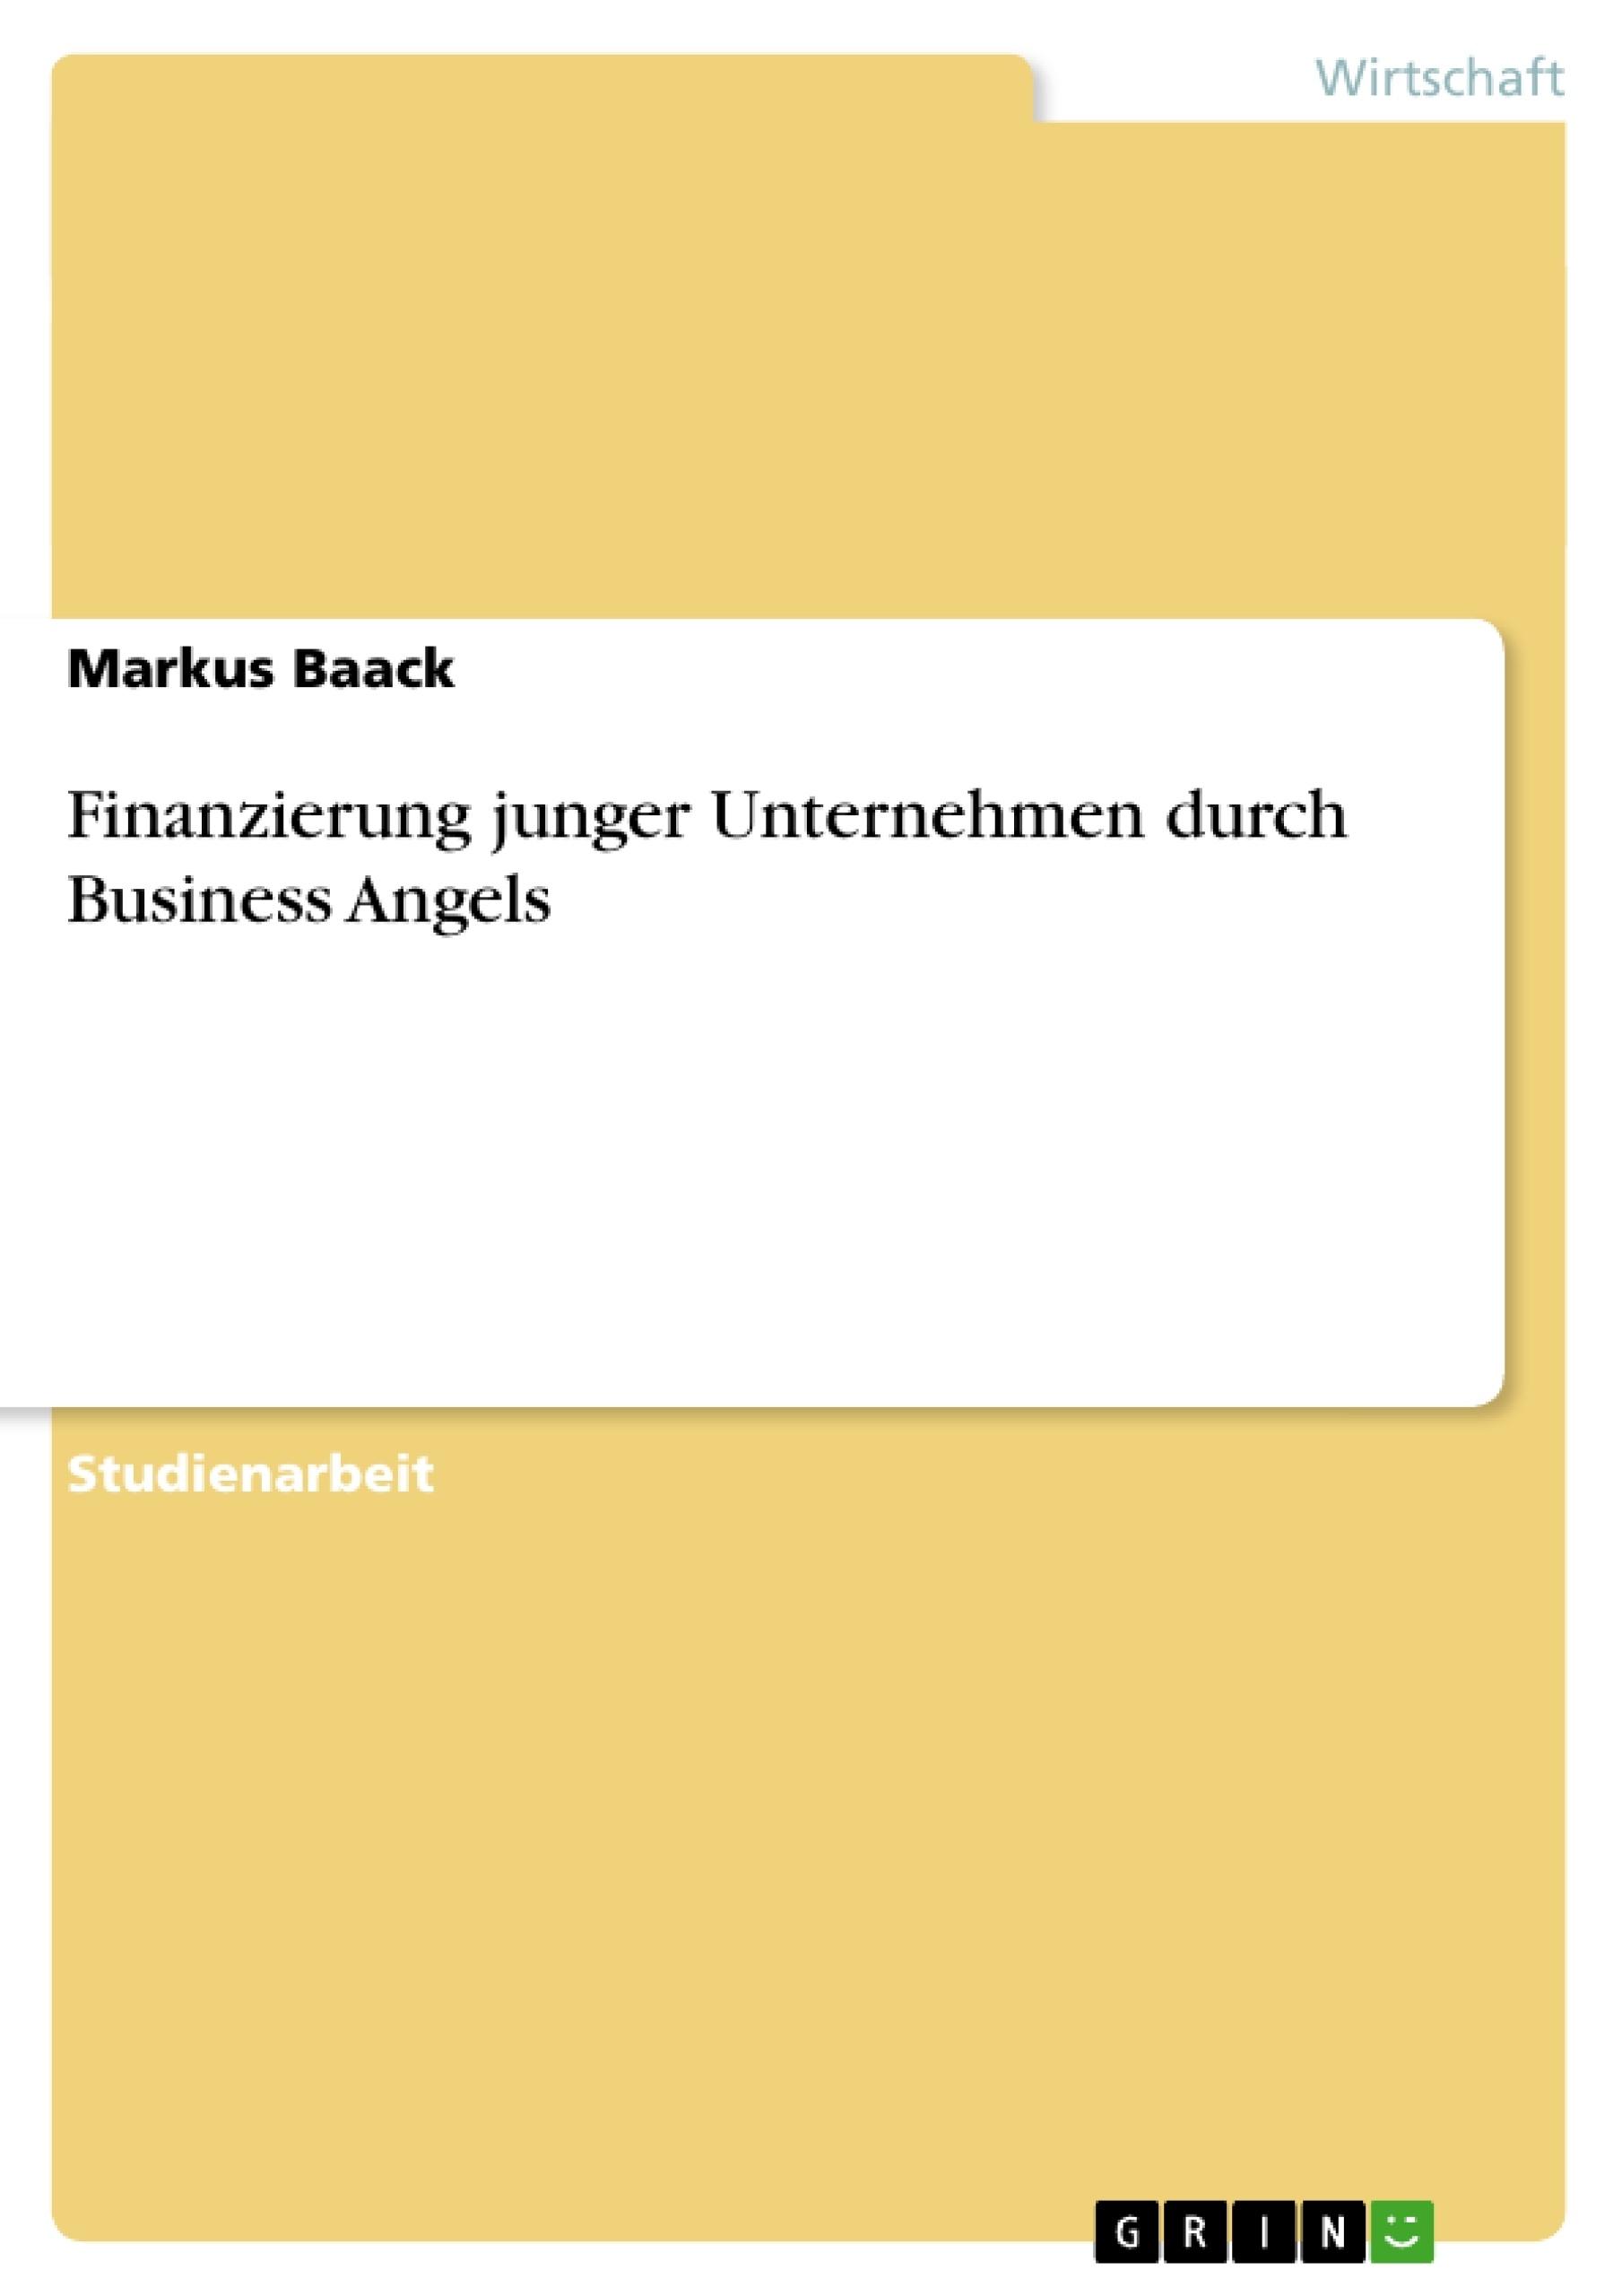 Titel: Finanzierung junger Unternehmen durch Business Angels